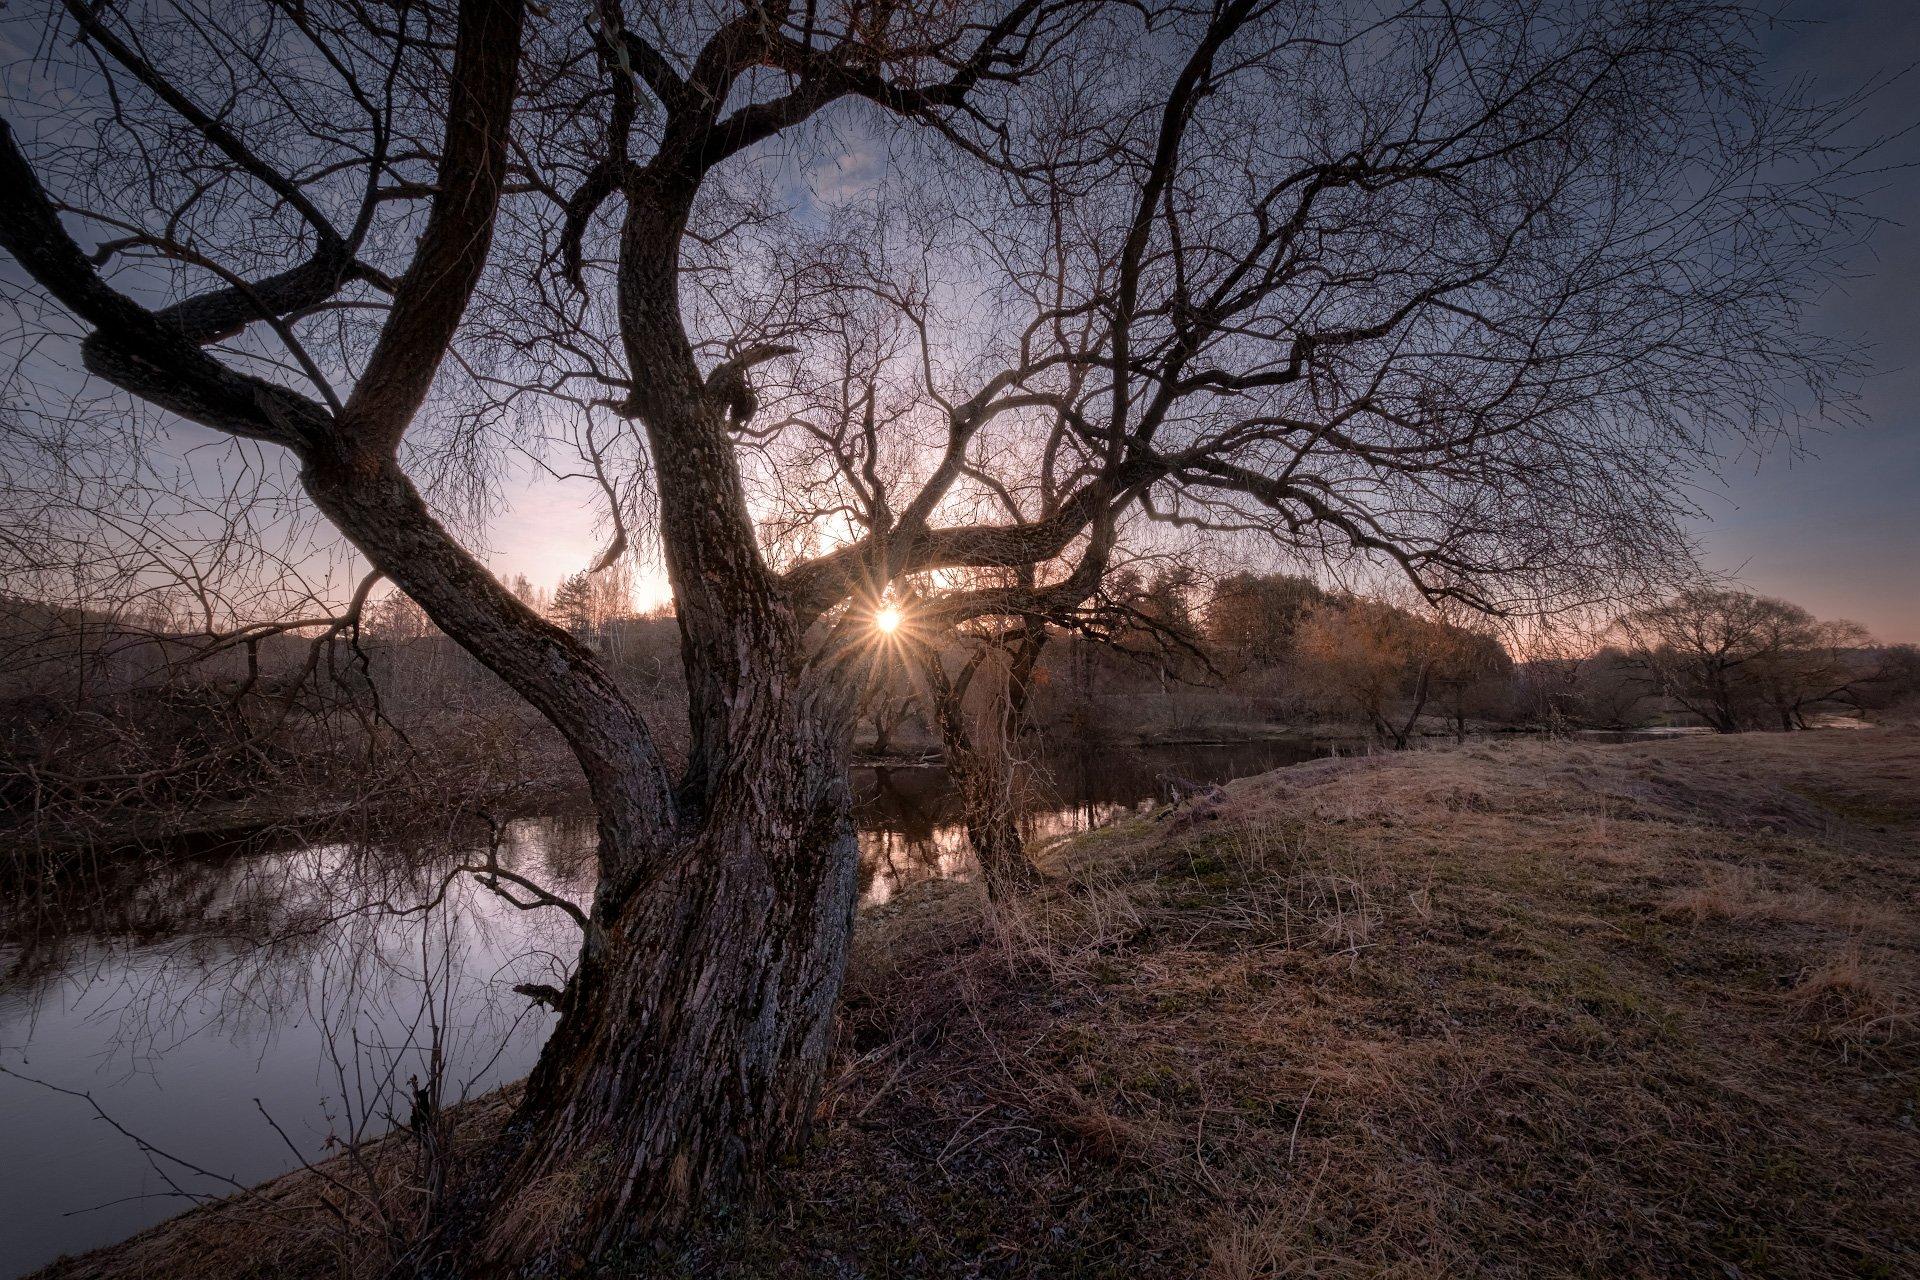 река, истра, утро, дерево, рассвет, вода, пейзаж, Андрей Чиж